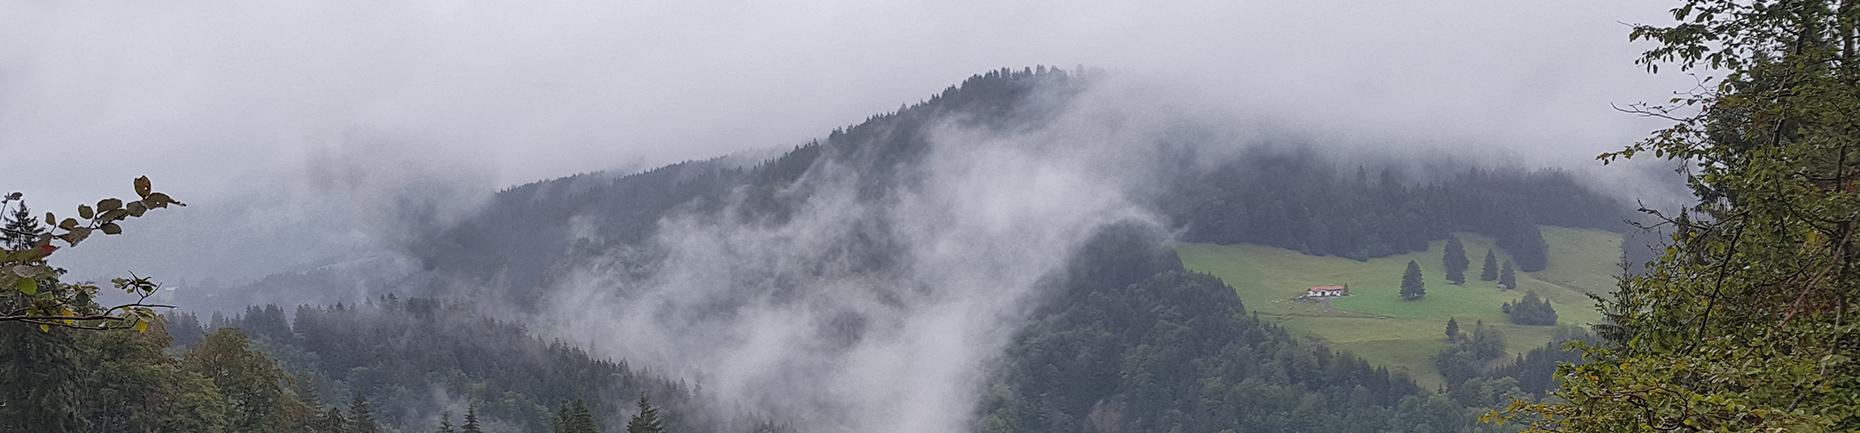 mystische Wolken ziehen über Berge - Slider